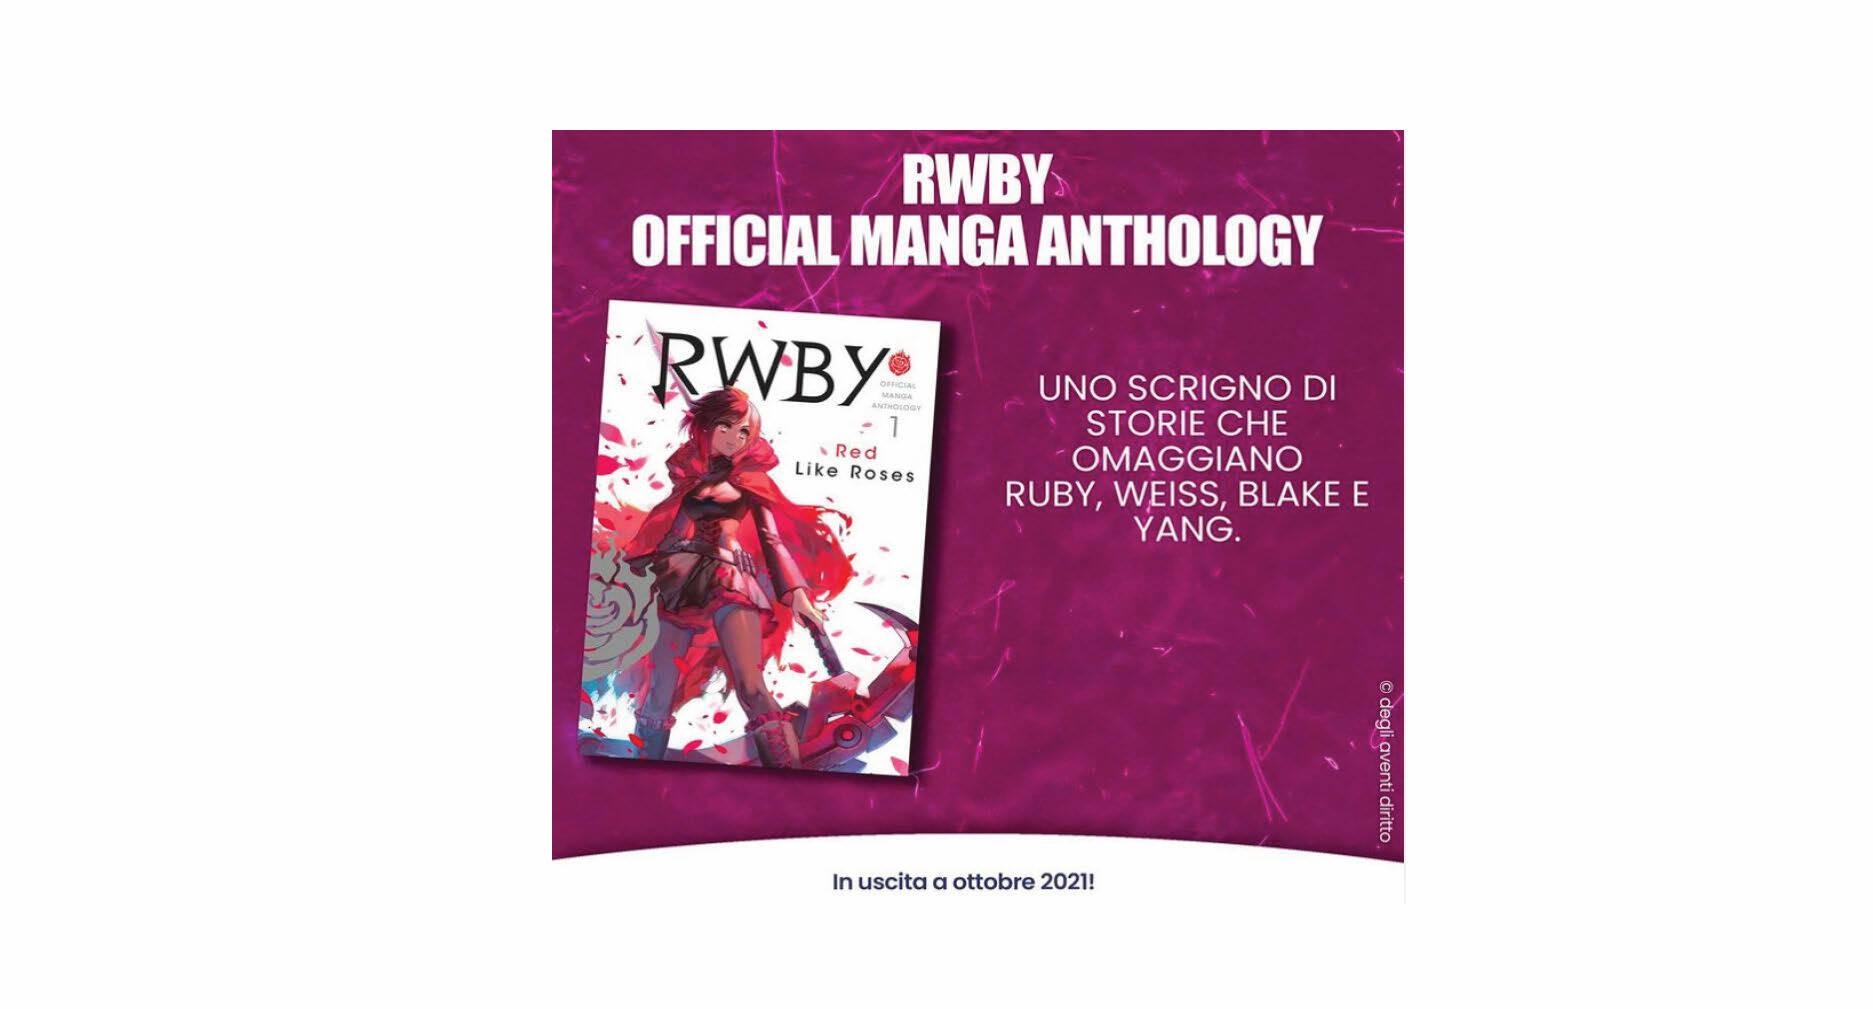 Rwby official manga anthology